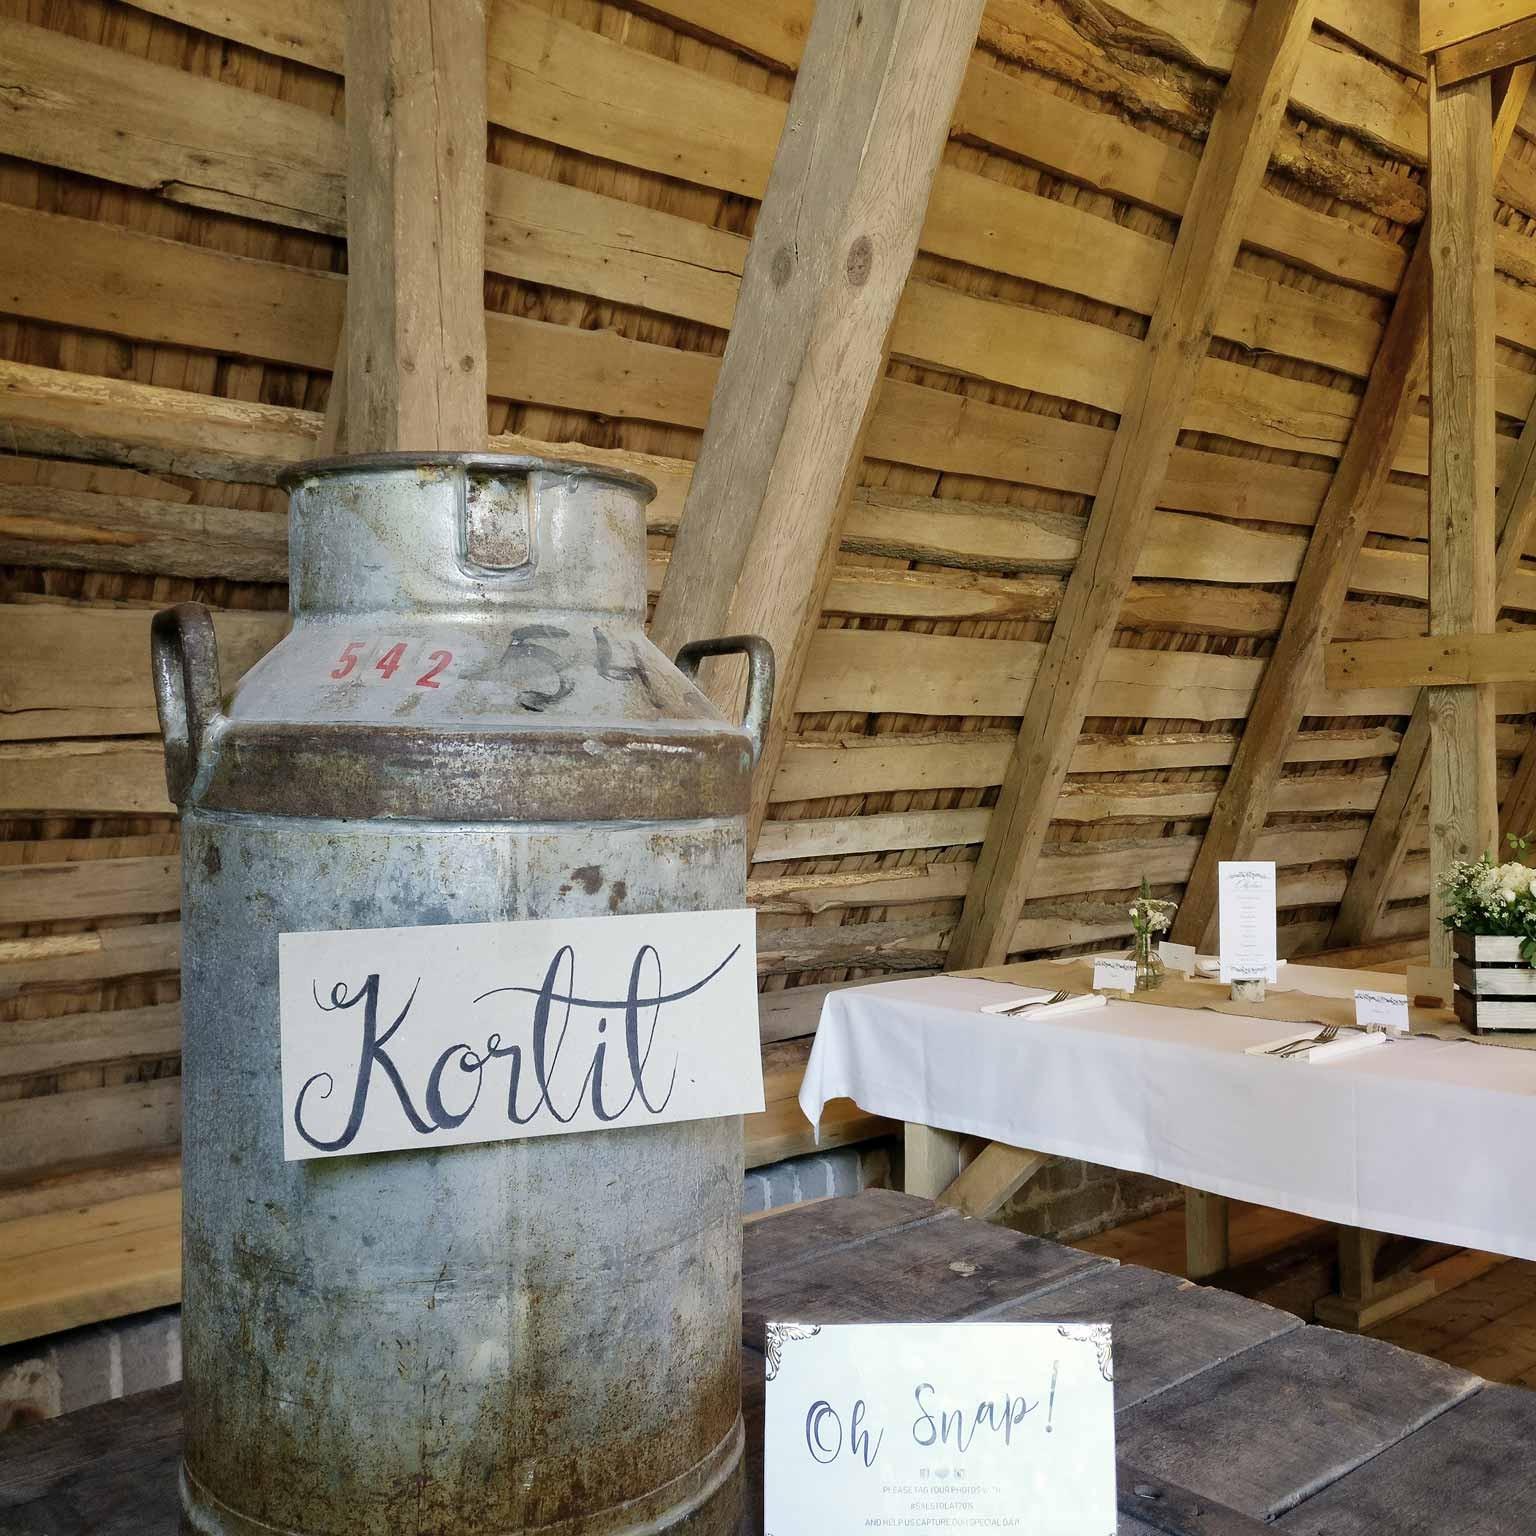 Marttilan Tinkissä hyödynnetään vanhoija maatilan välineitä hääjuhlien somistamiseen.